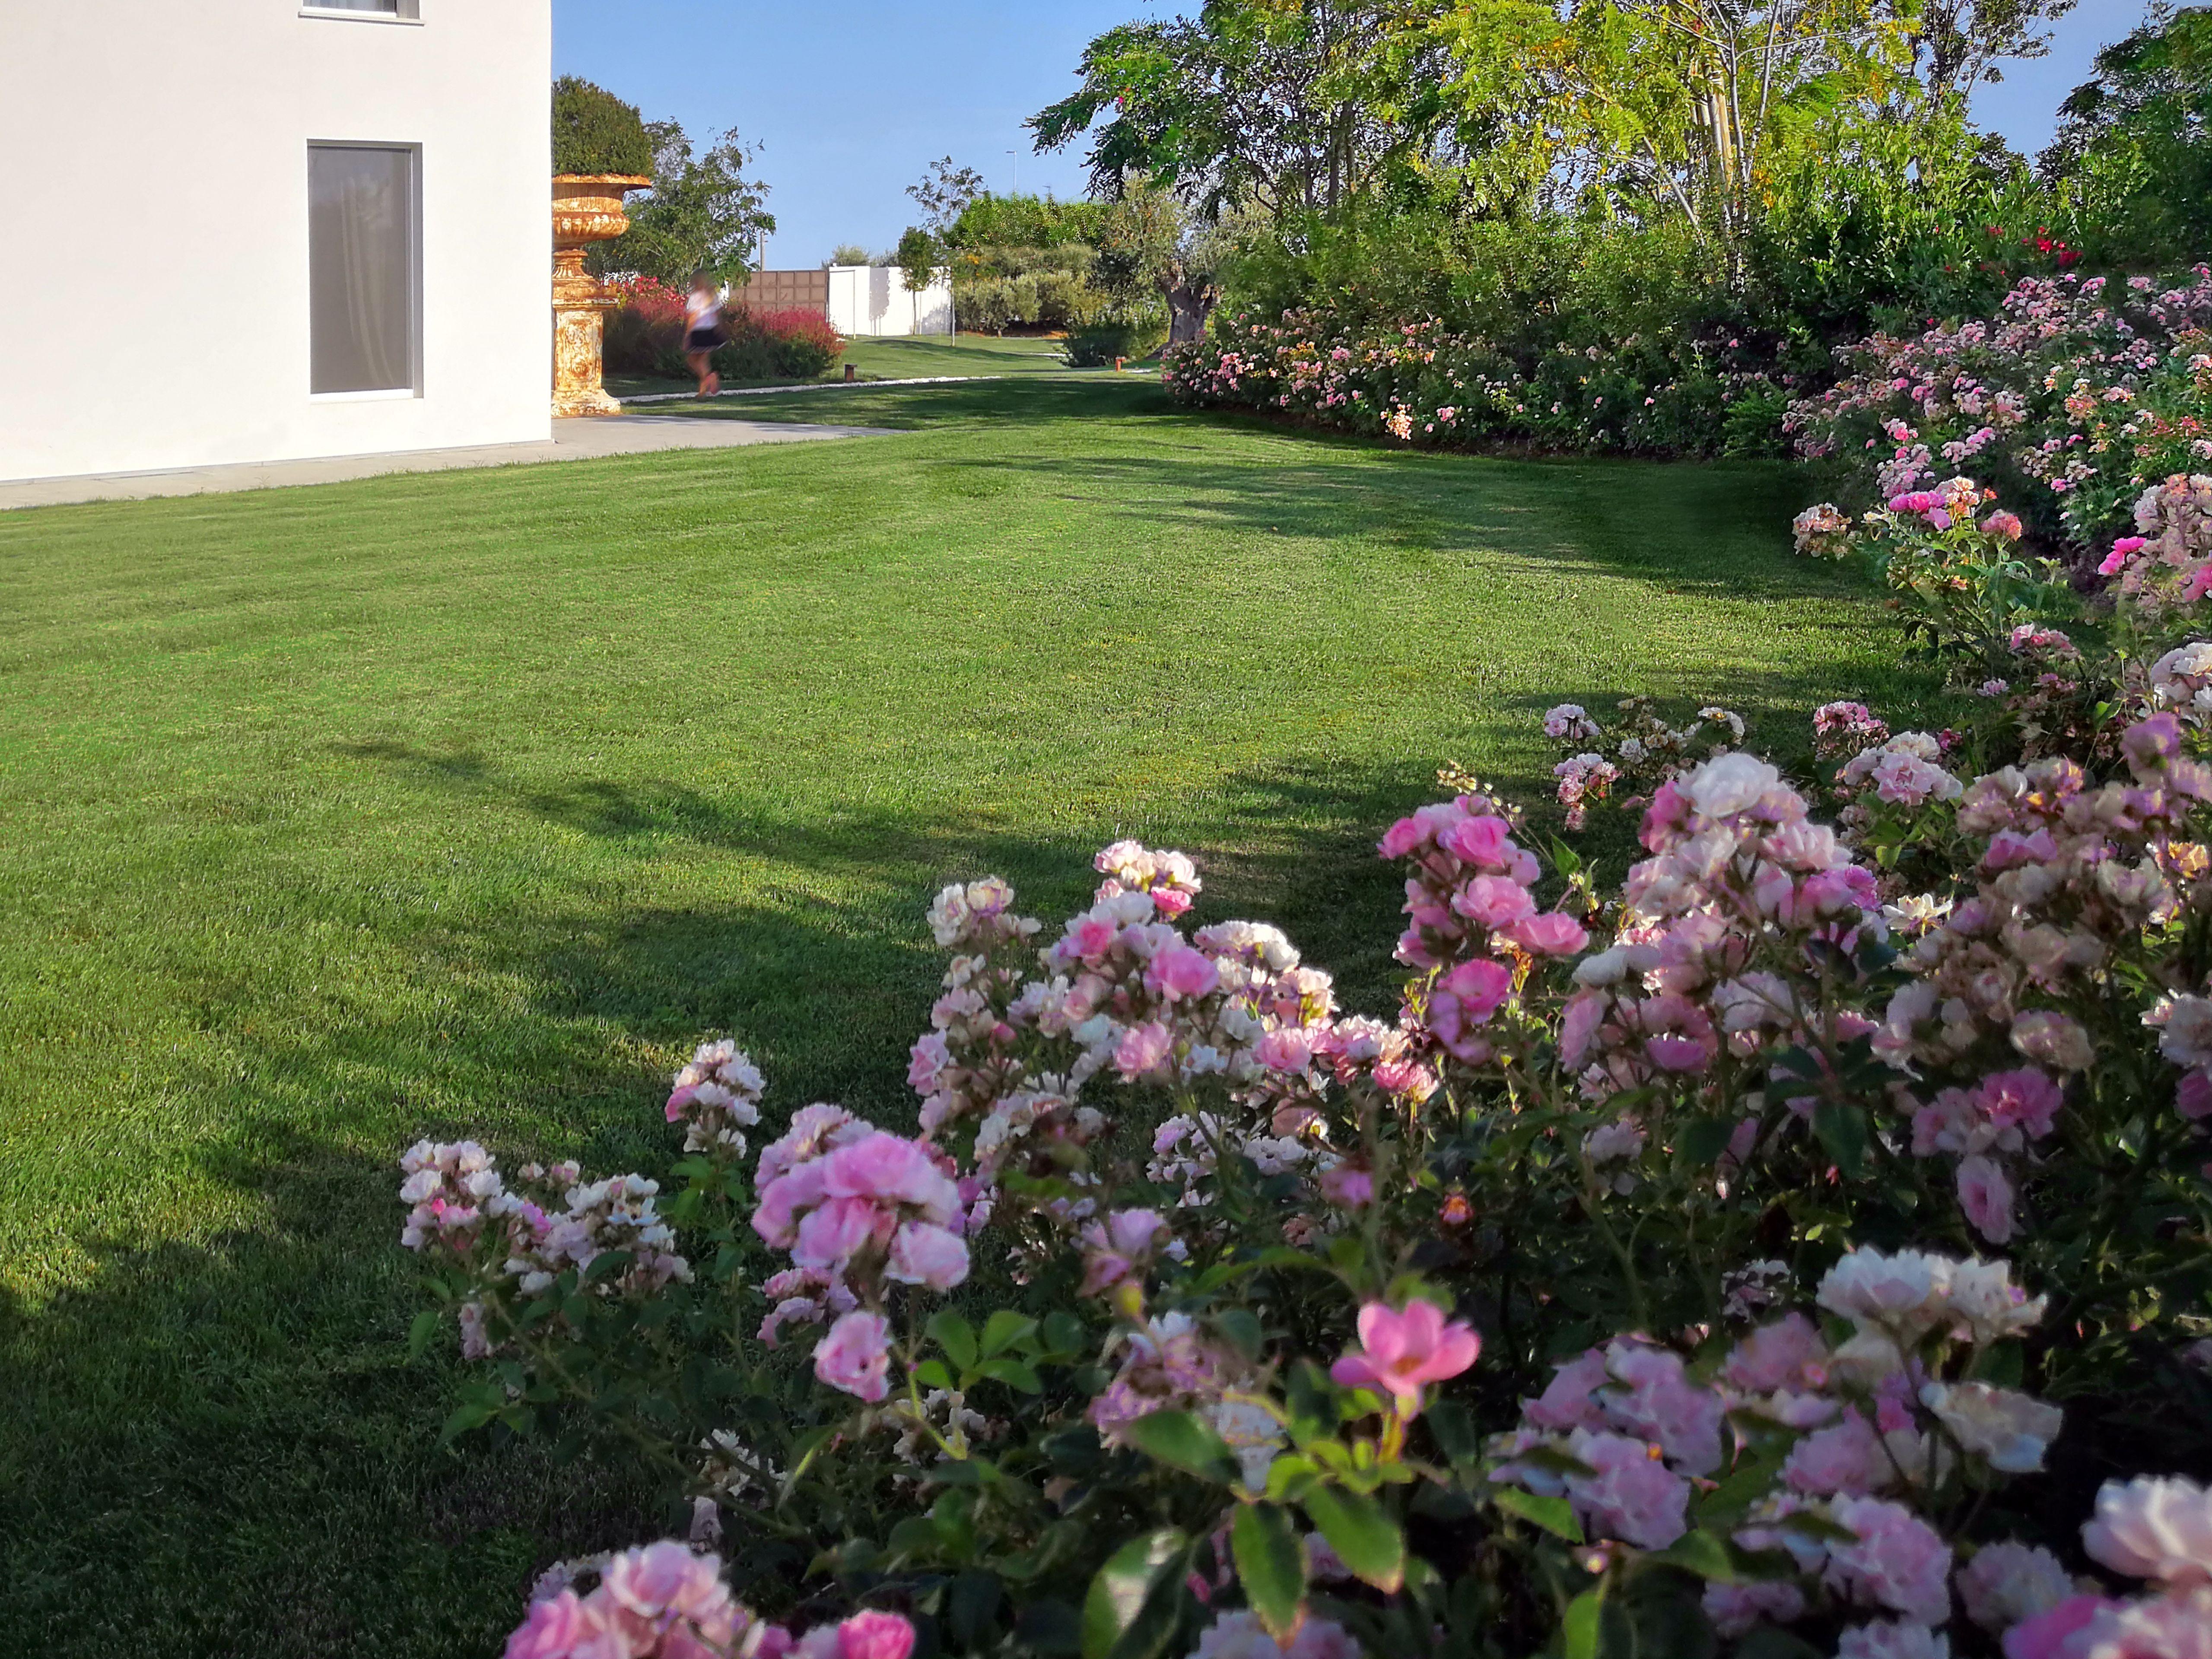 Giardino Di Una Casa villa e giardino ispirati al salento (con immagini